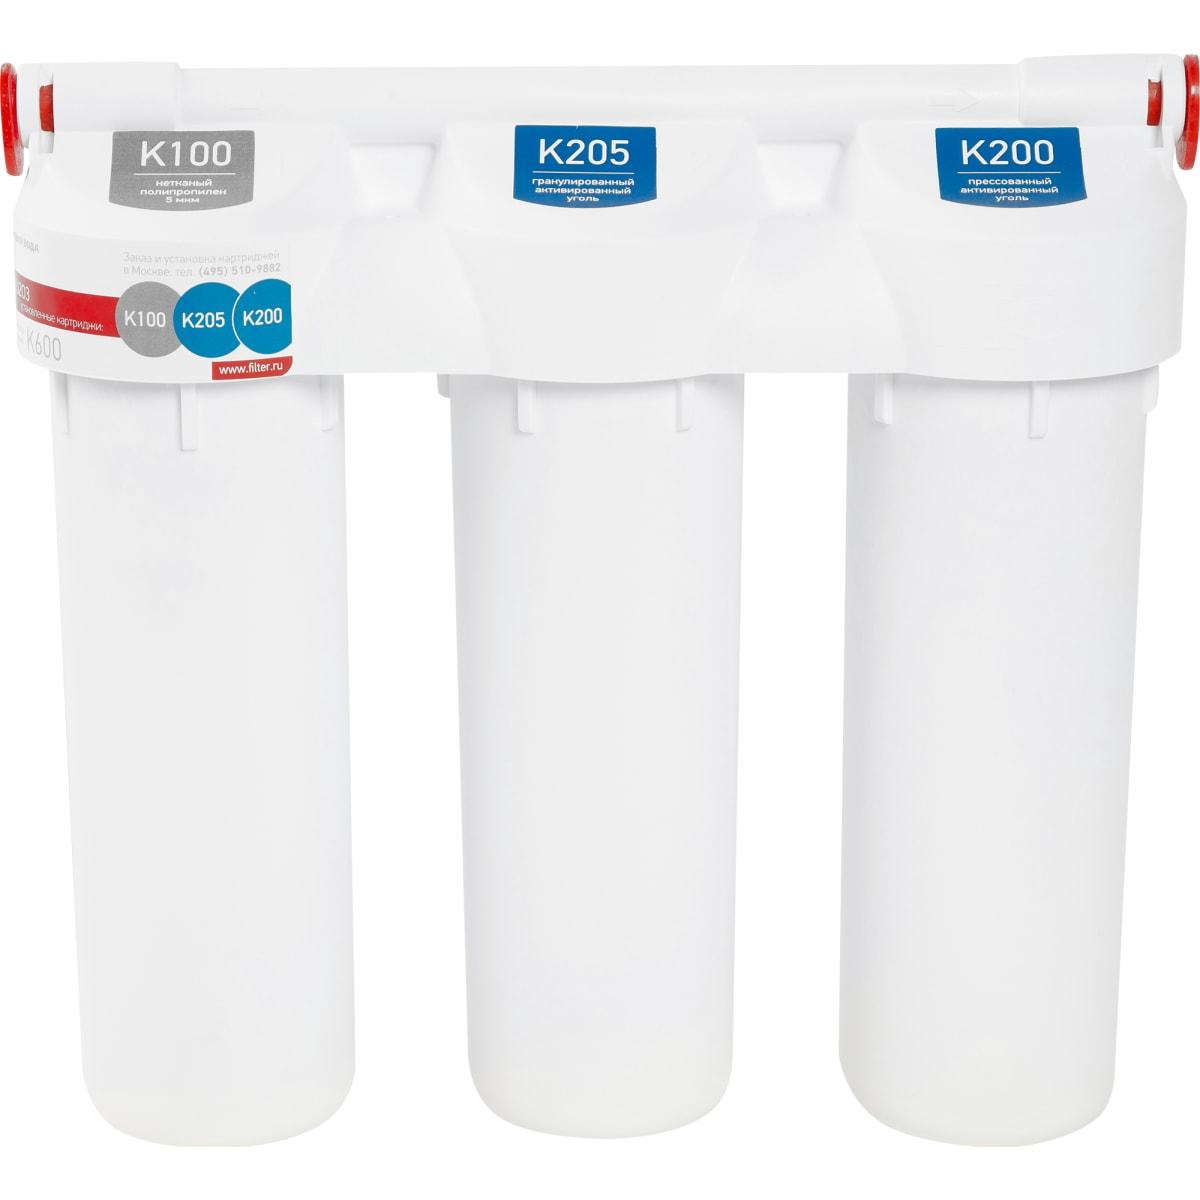 Система трёхступенчатая Praktic EU 203 Prio для нормальной воды